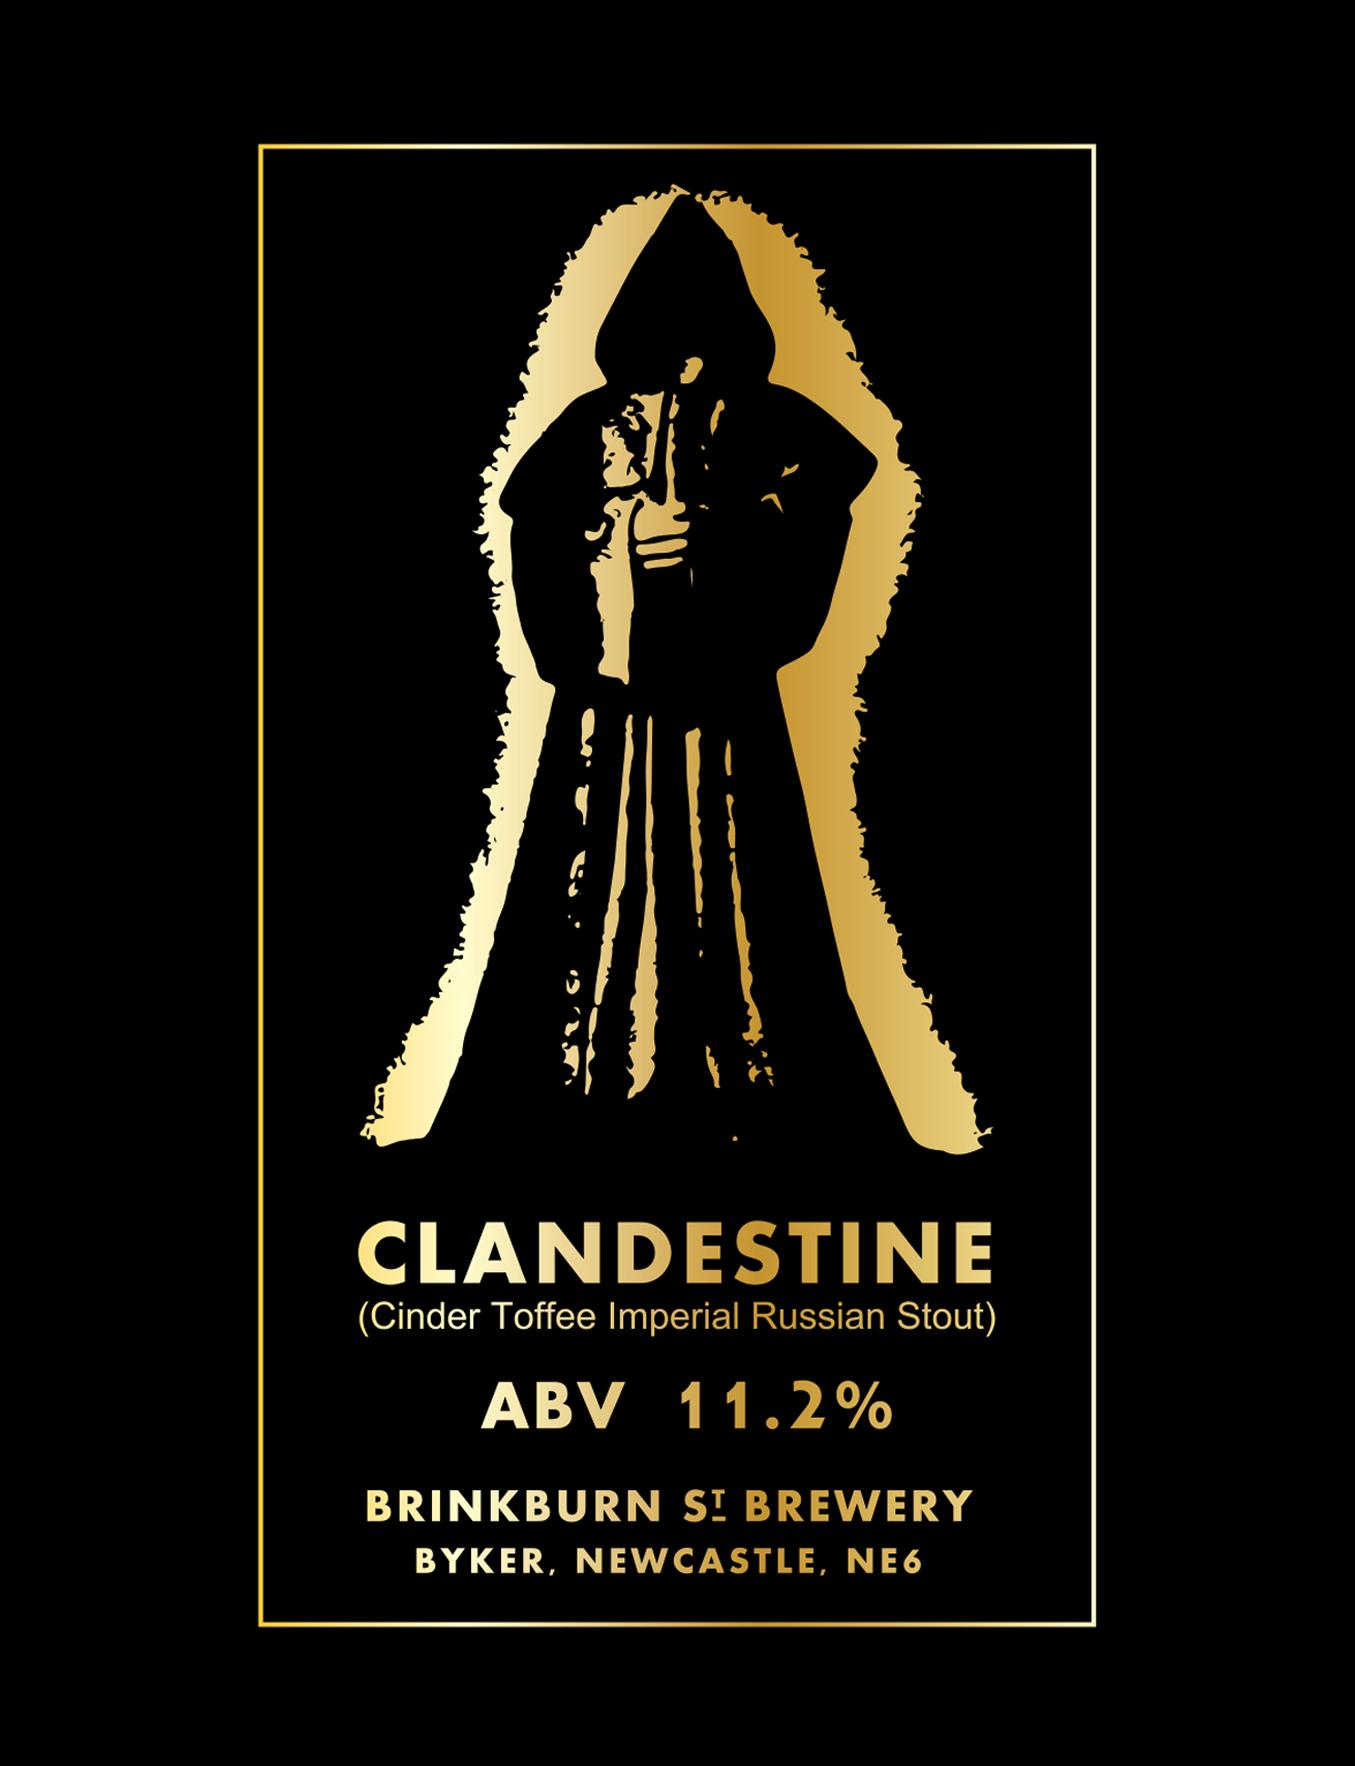 Clanestine.jpg